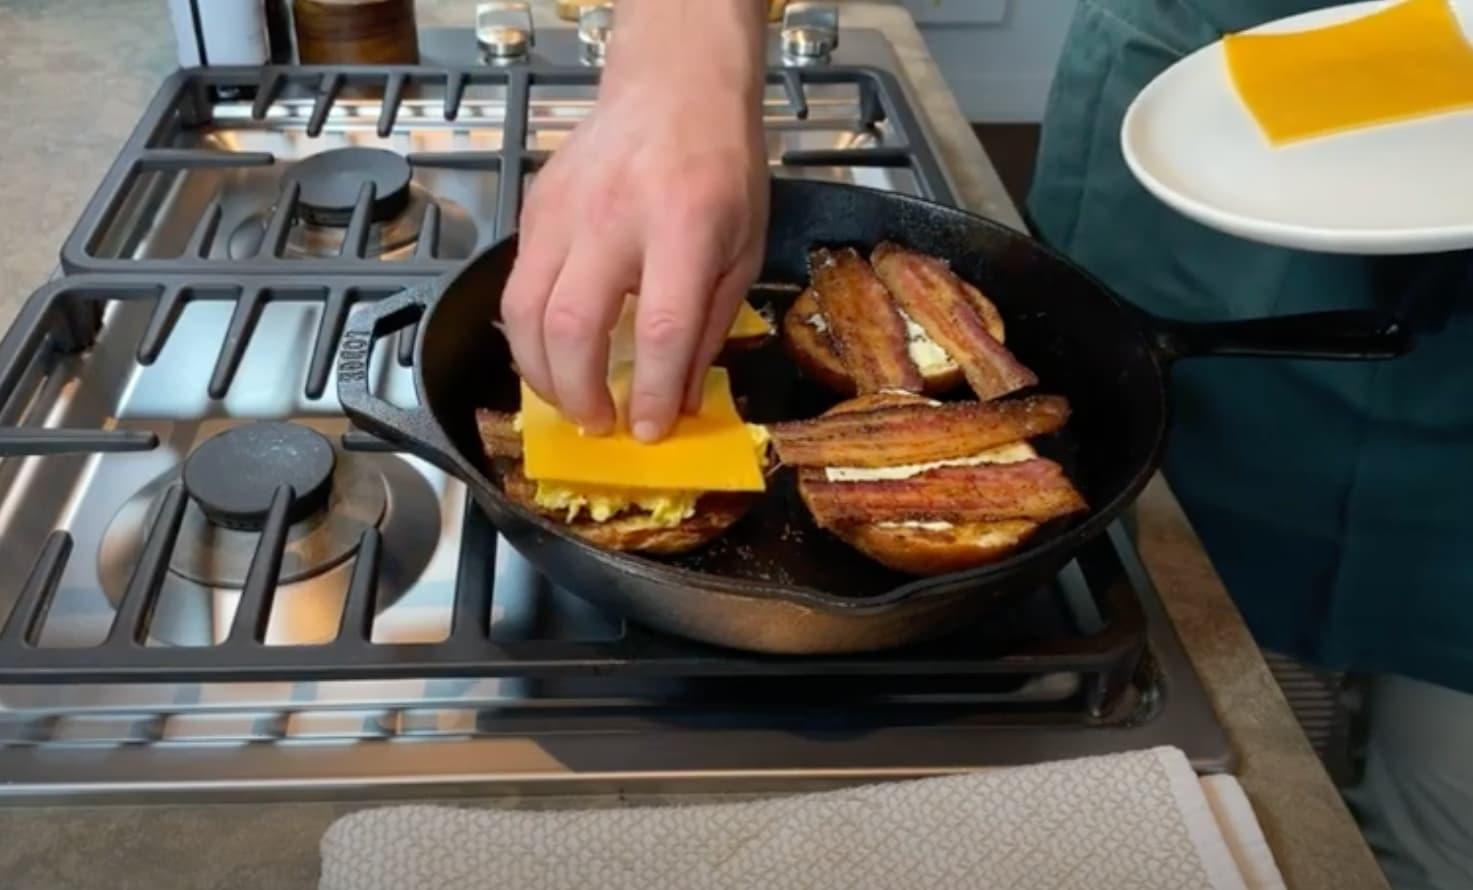 Cooking a breakfast sandwich.